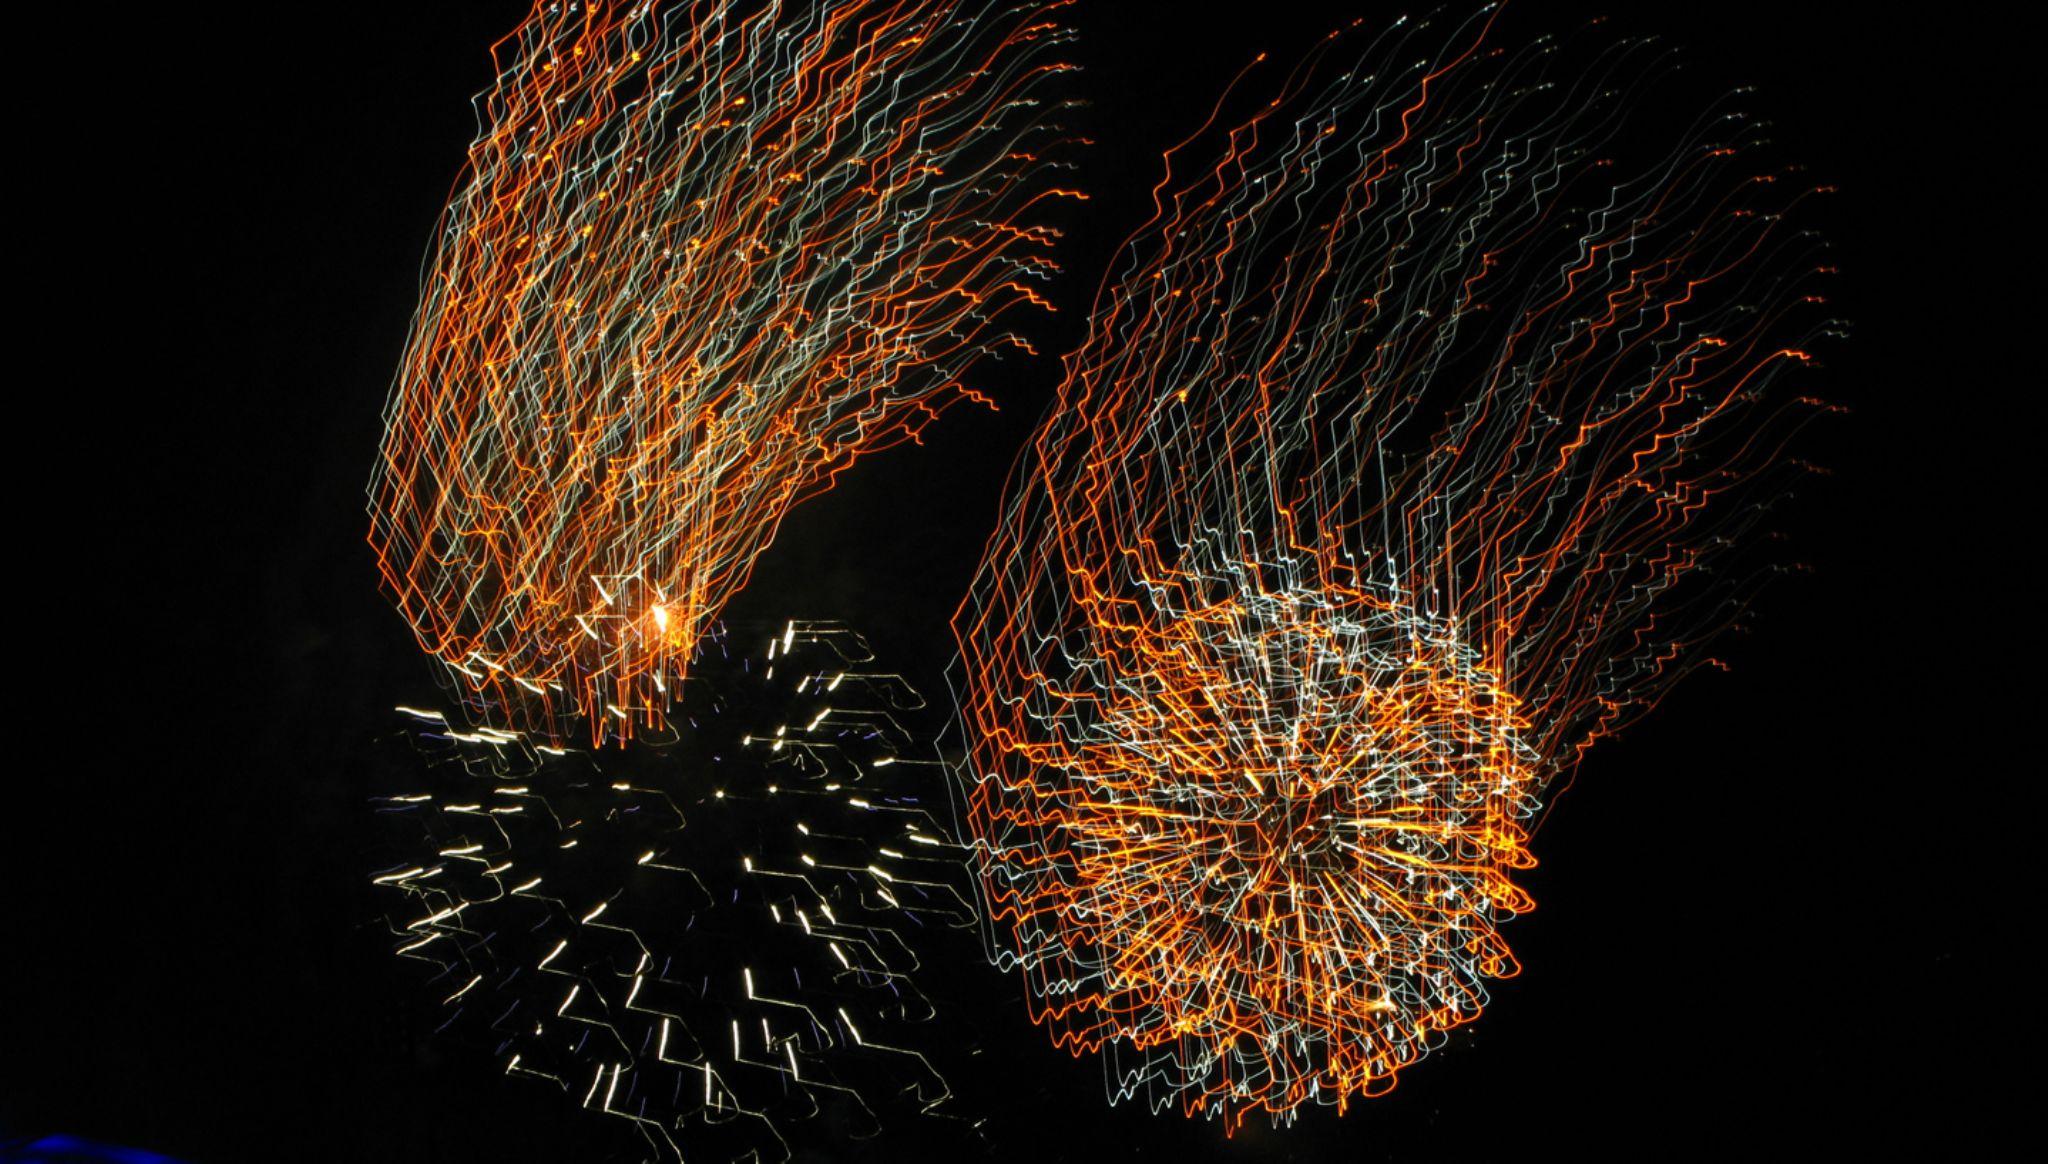 fireworks by Birthe Kirk Gawinski